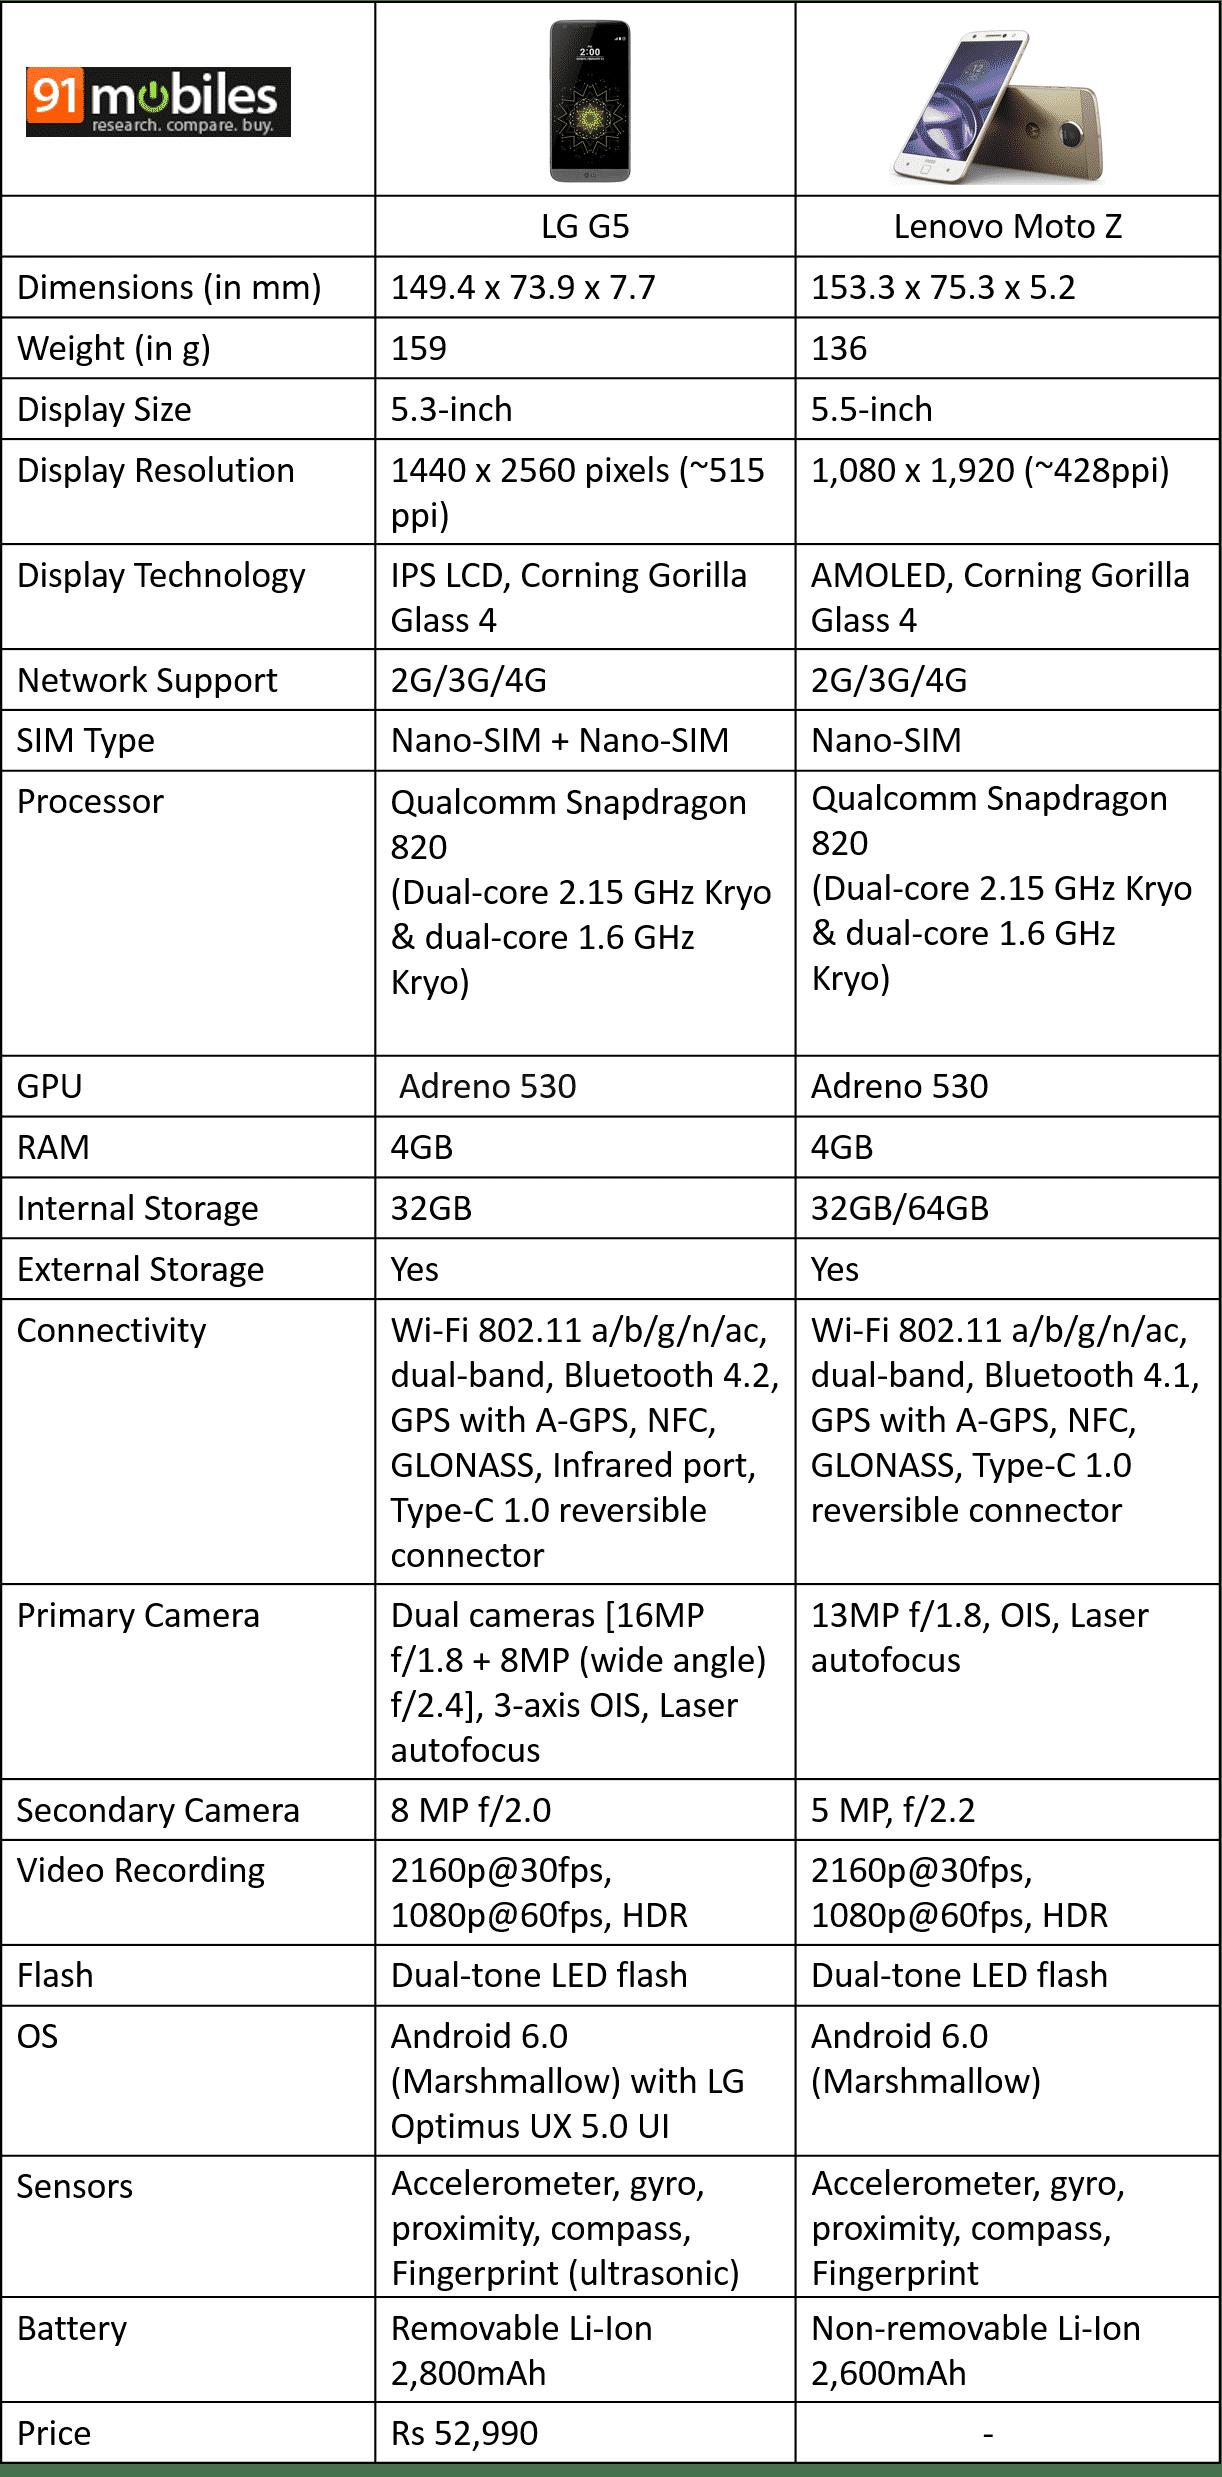 Moto Z Vs. LG G5